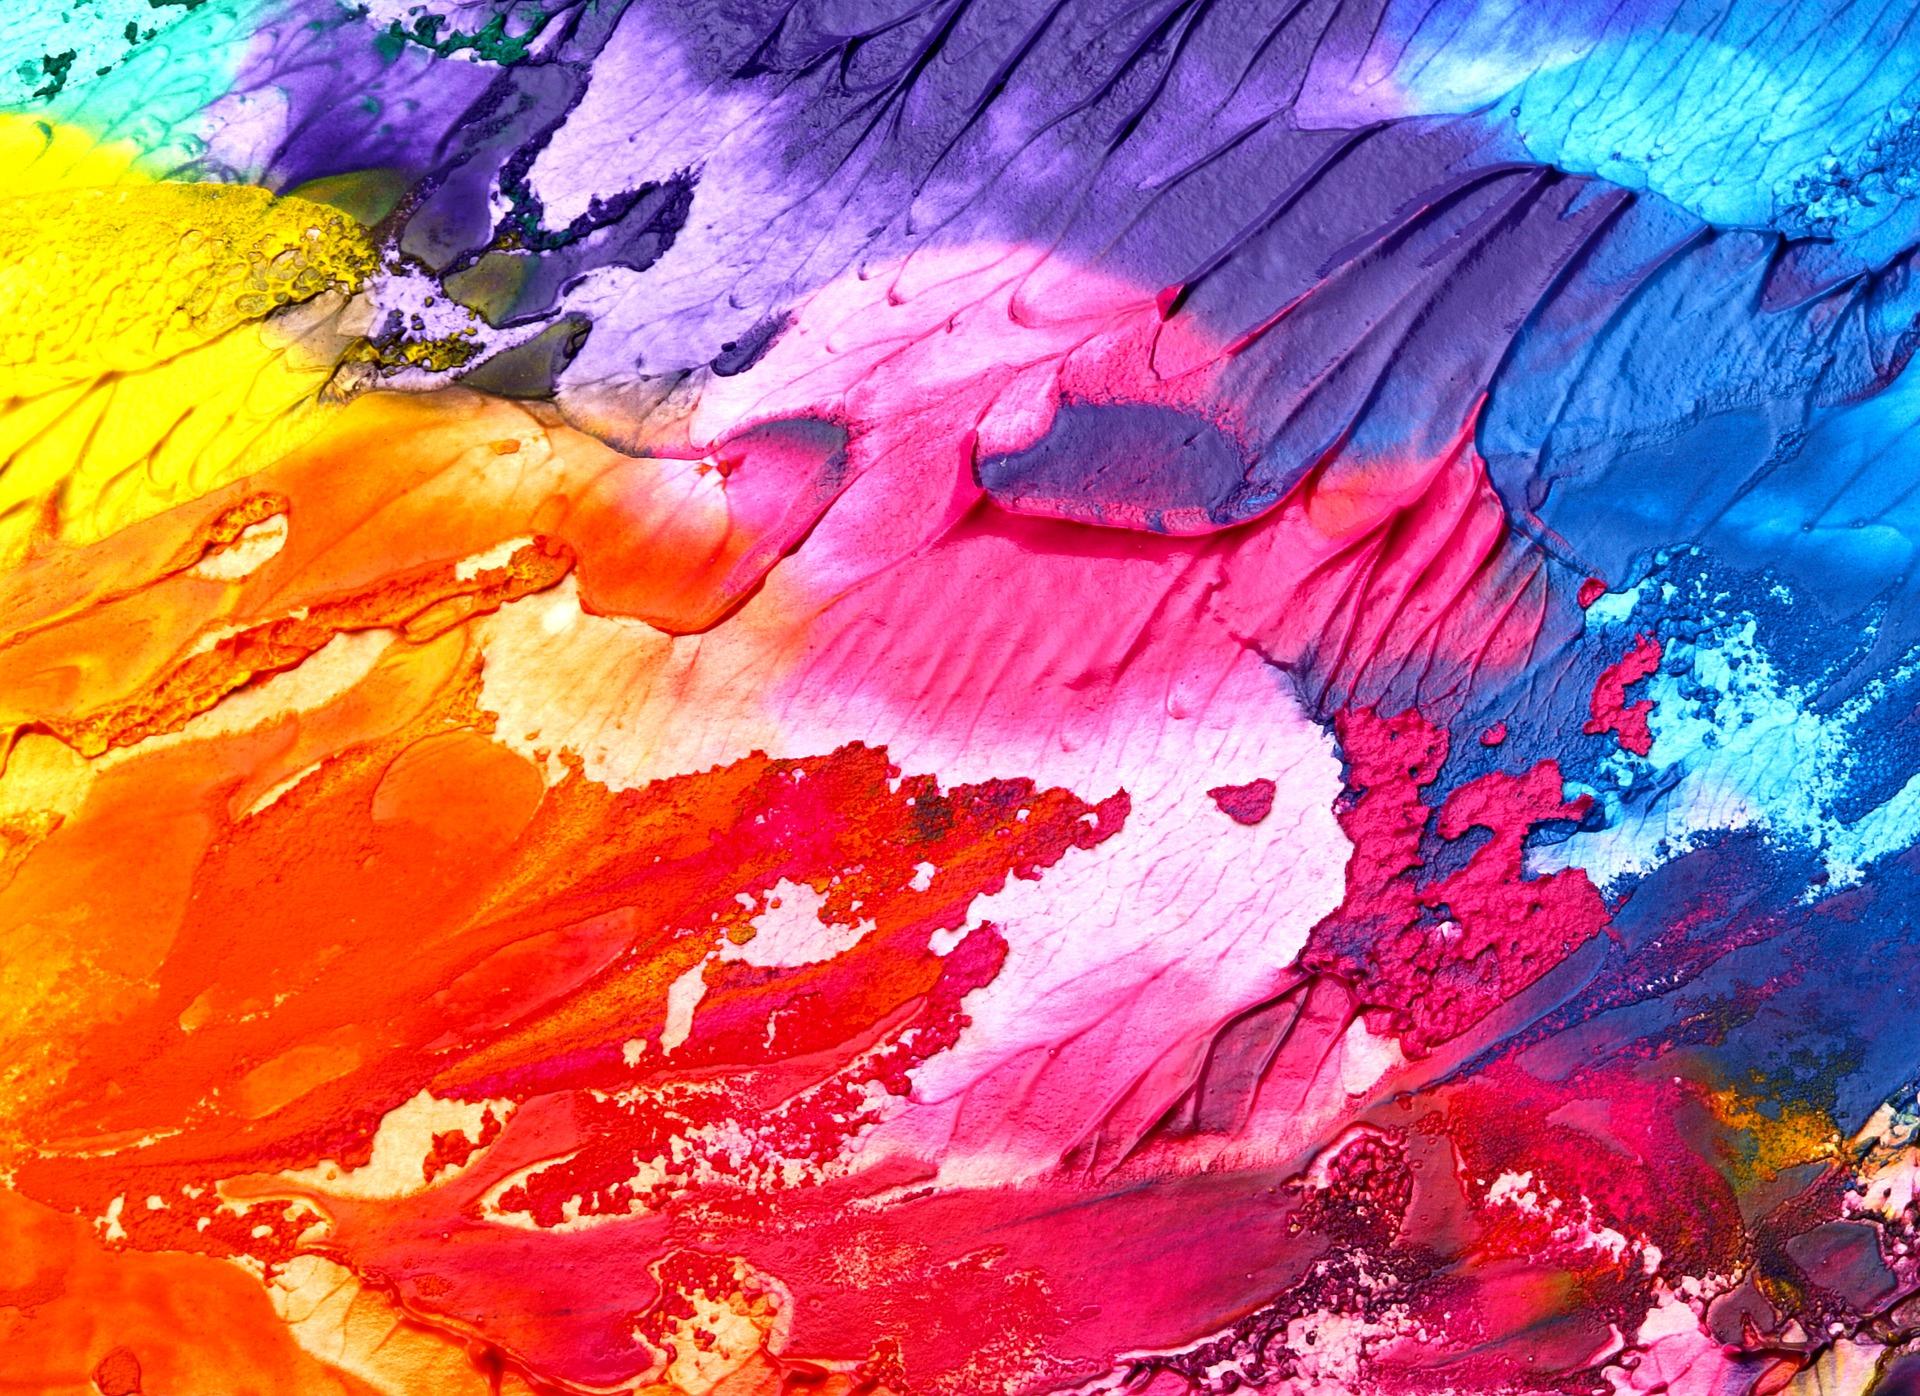 abstract creativity